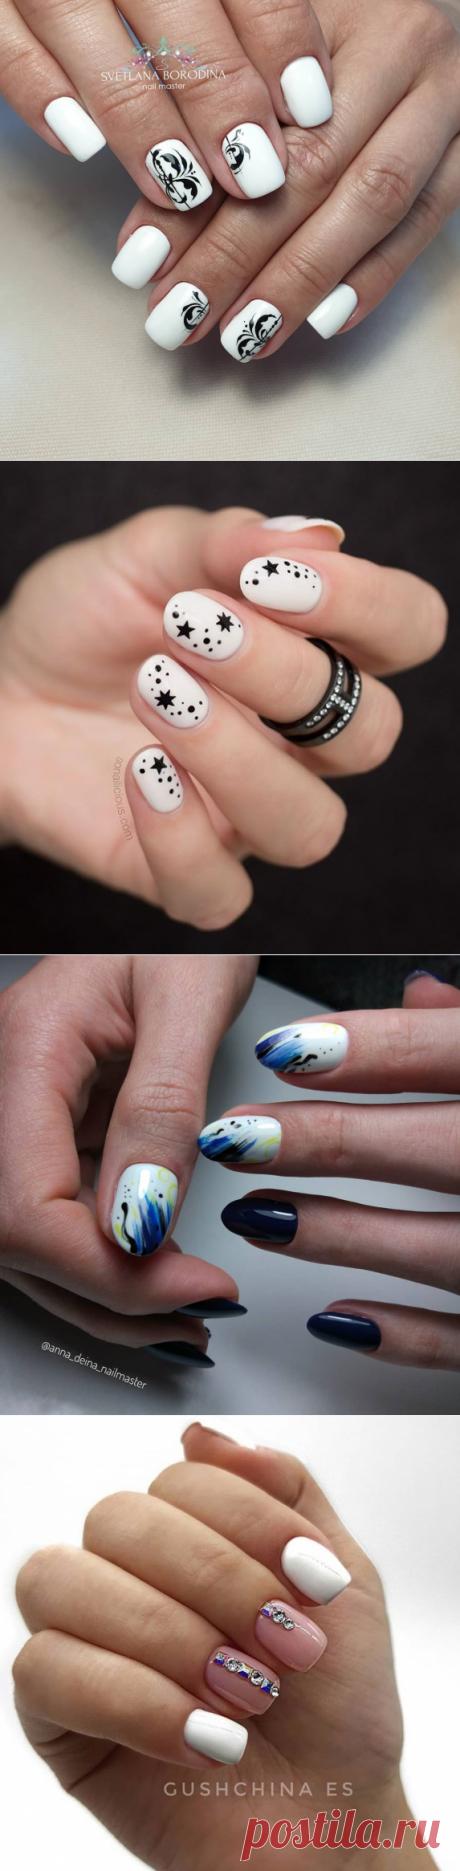 Белые короткие ногти: 100+ шедевров ногтевого искусства 2021 года | Новости моды